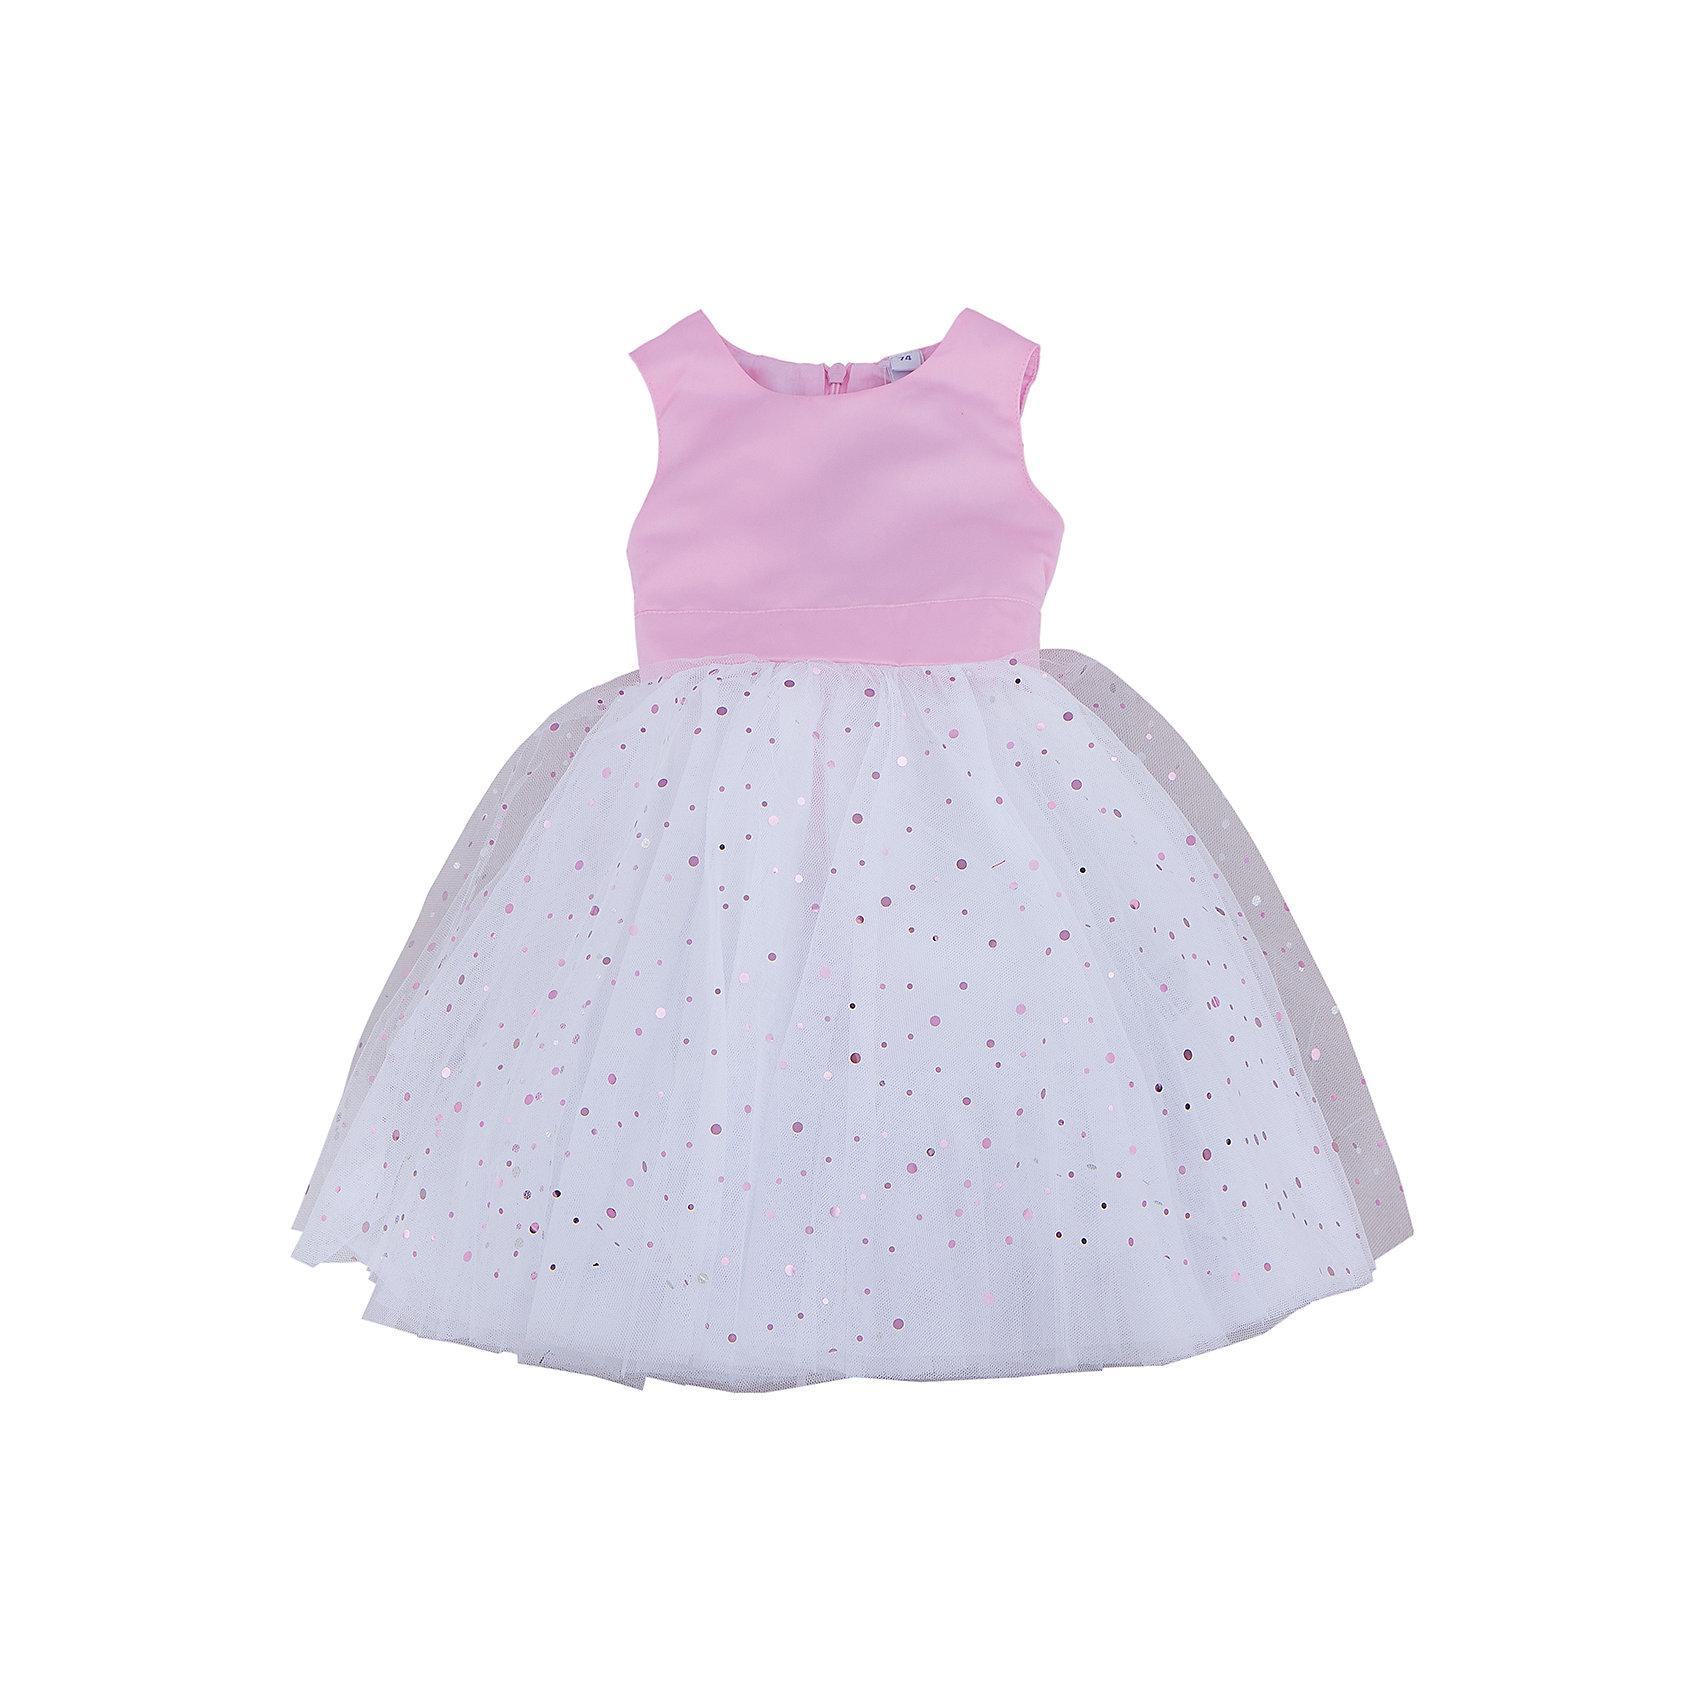 Нарядное платье для девочки PlayTodayОдежда<br>Характеристики:<br><br>• Вид одежды: платье<br>• Предназначение: праздничное платье<br>• Сезон: круглый год<br>• Материал: верх – 100% полиэстер, подкладка – 100% хлопок<br>• Цвет: розовый, белый<br>• Силуэт: А силуэт <br>• Длина платья: макси<br>• Рукав: без рукавов<br>• Вырез горловины: круглый<br>• Застежка: молния на спинке<br>• Особенности ухода: ручная стирка без применения отбеливающих средств, глажение при низкой температуре <br><br>PlayToday – это линейка детской одежды, которая предназначена как для повседневности, так и для праздников. Большинство моделей выполнены в классическом стиле, сочетающем в себе традиции с яркими стильными элементами и аксессуарами. Весь ассортимент одежды сочетается между собой по стилю и цветовому решению, поэтому Вам будет легко сформировать гардероб вашего ребенка, который отражает его индивидуальность. <br>Платье для девочки PlayToday с подкладкой выполнено из сочетания матового сатина розового цвета и пышной юбки из сетчатого материала. Наряд выполнен в А-силуэте, с круглой горловиной. Белая юбка декорирована россыпью пайеток разного размера и разного цвета. У платья предусмотрен широкий пояс розового цвета, который можно завязывать в пышный бант. Платье легко надевать и снимать, сзади предусмотрена застежка-молния. Платье для девочки PlayToday – это стиль, качество и элегантность!<br><br>Платье для девочки PlayToday можно купить в нашем интернет-магазине.<br><br>Ширина мм: 236<br>Глубина мм: 16<br>Высота мм: 184<br>Вес г: 177<br>Цвет: розовый<br>Возраст от месяцев: 18<br>Возраст до месяцев: 24<br>Пол: Женский<br>Возраст: Детский<br>Размер: 92,86,74,80<br>SKU: 5059406